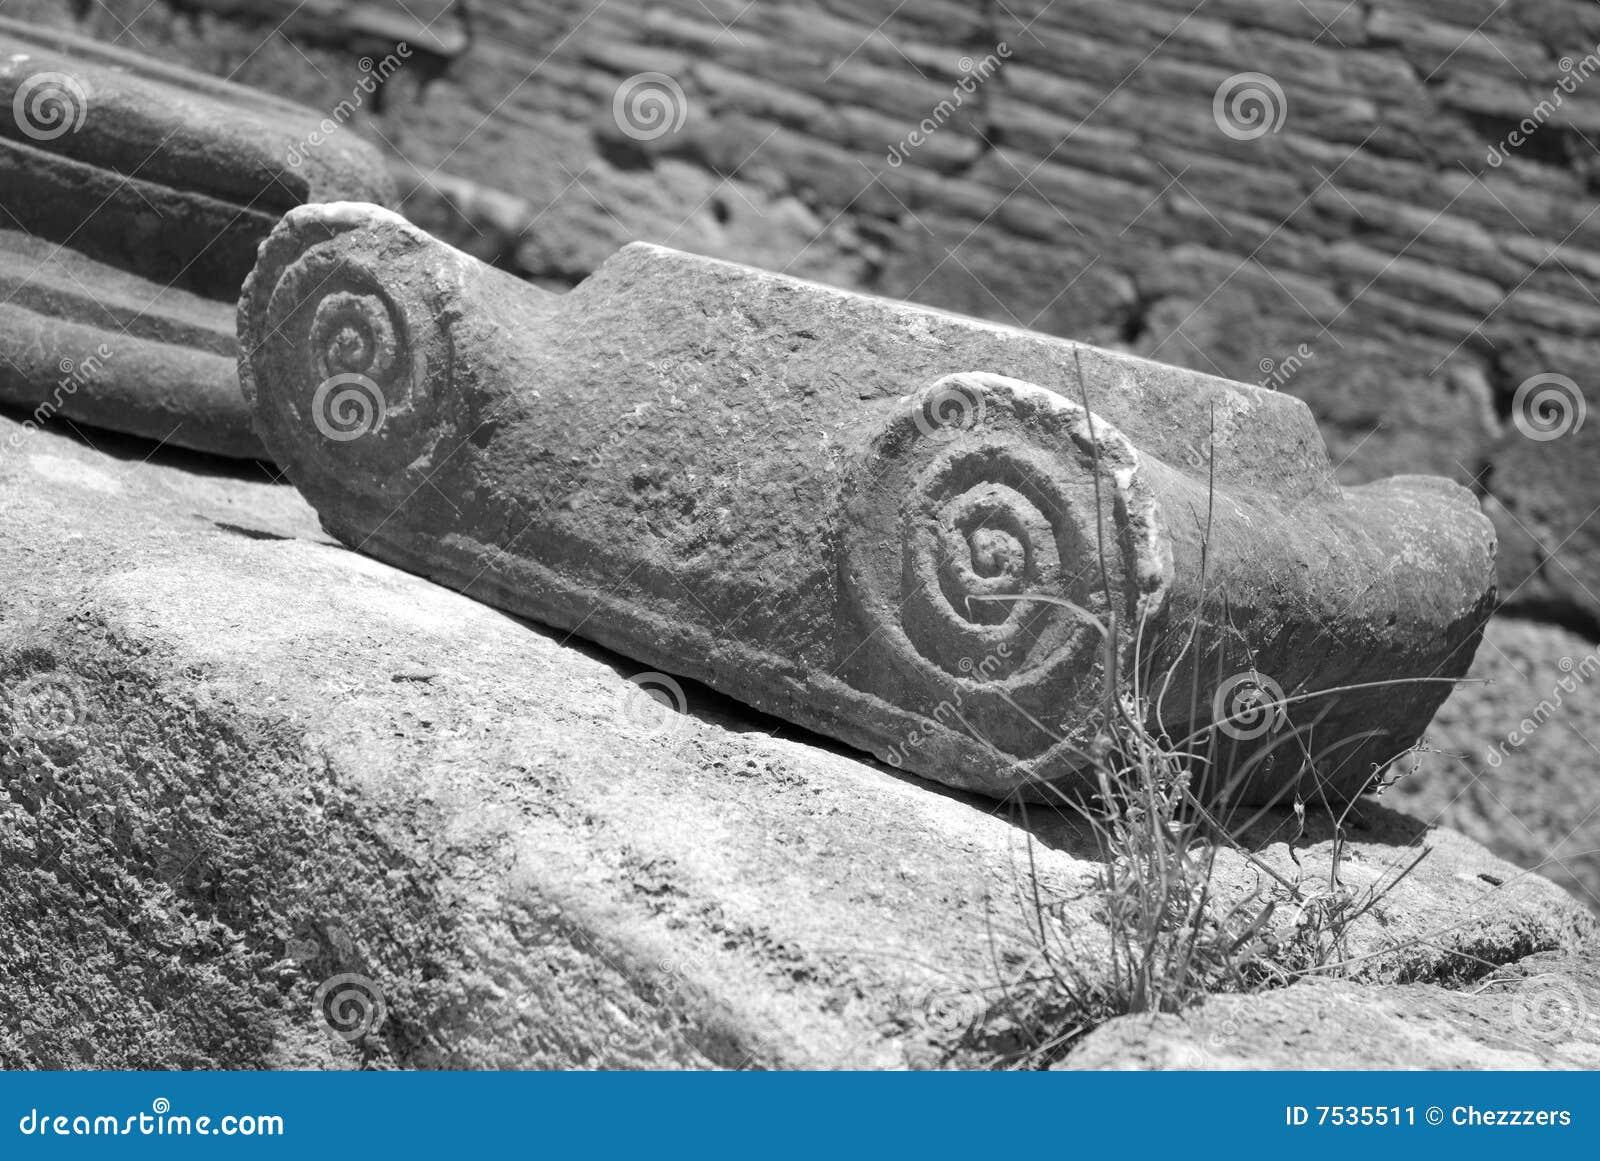 Griekse decoratie stock afbeelding afbeelding 7535511 - Oude griekse decoratie ...